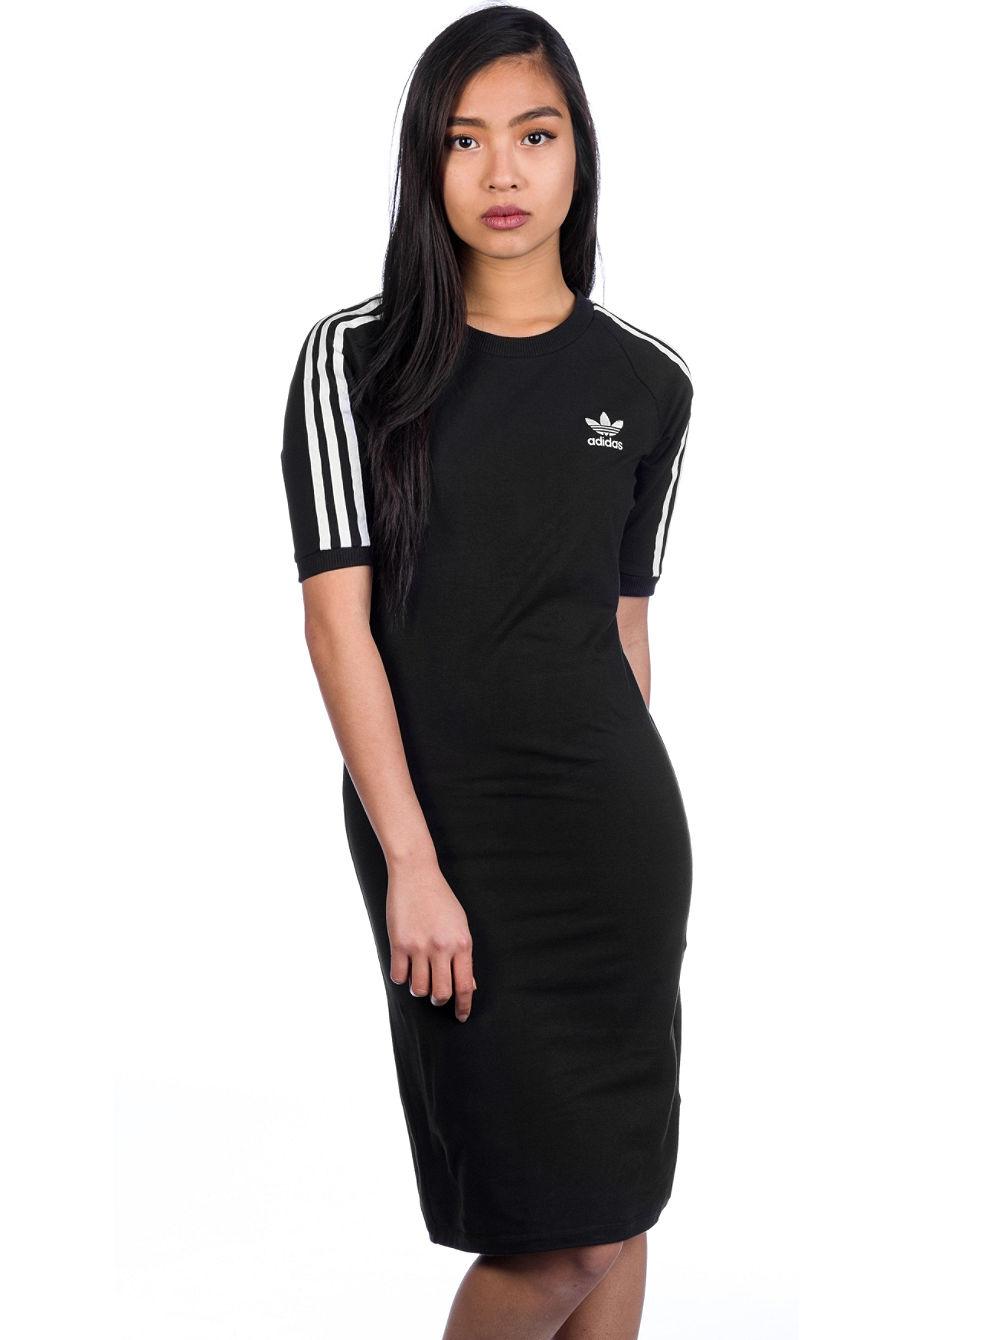 43831e1ffc2 Buy adidas Originals 3 Stripes Dress online at Blue Tomato